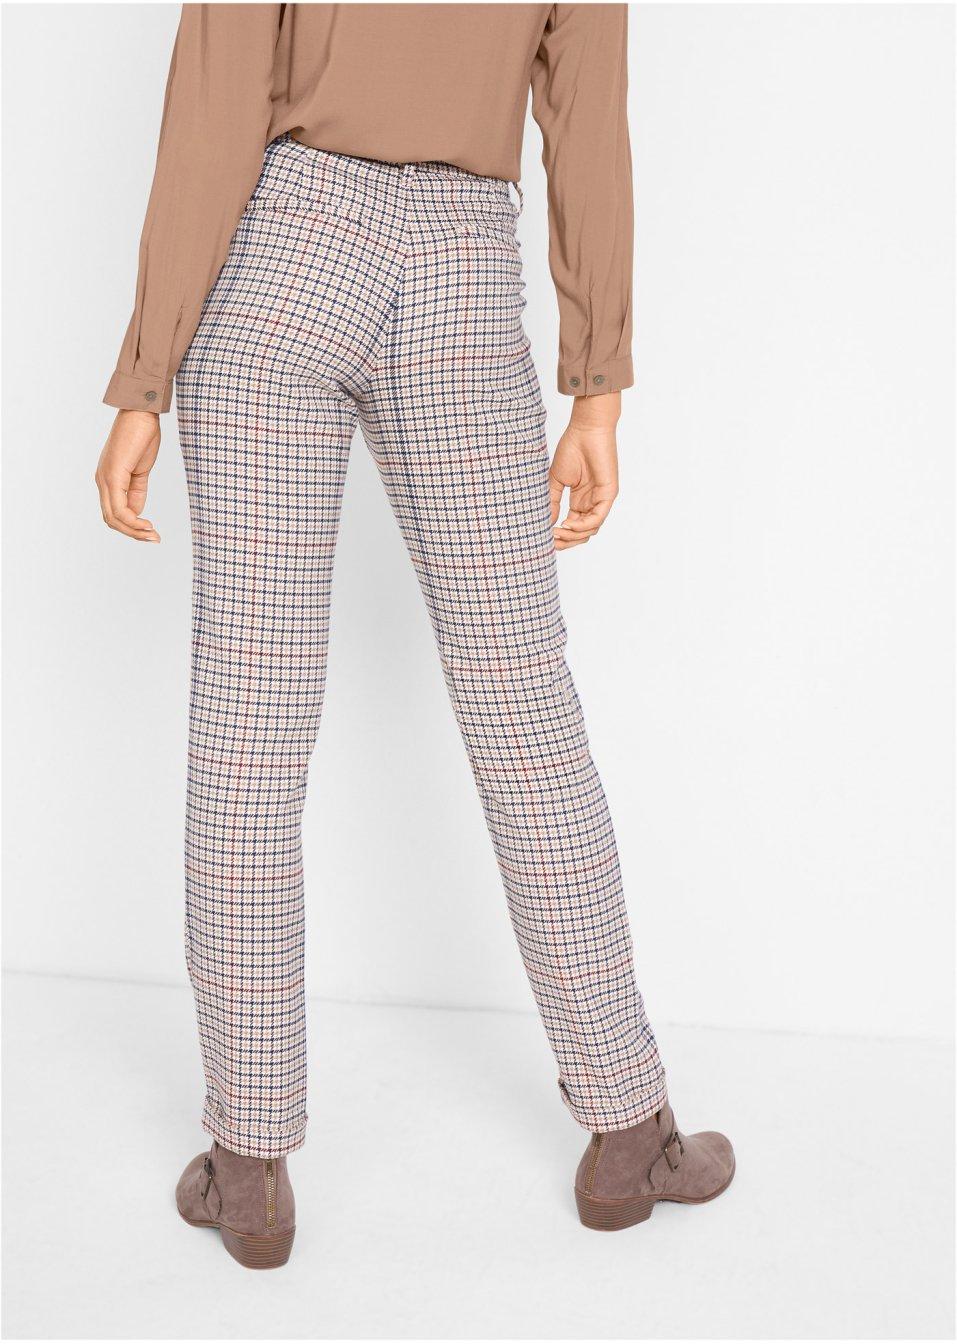 Mode Femme Vêtements DJLfdOFlkj Pantalon à carreaux Prince de Galles camel à carreaux Femme bpc  collection .fr